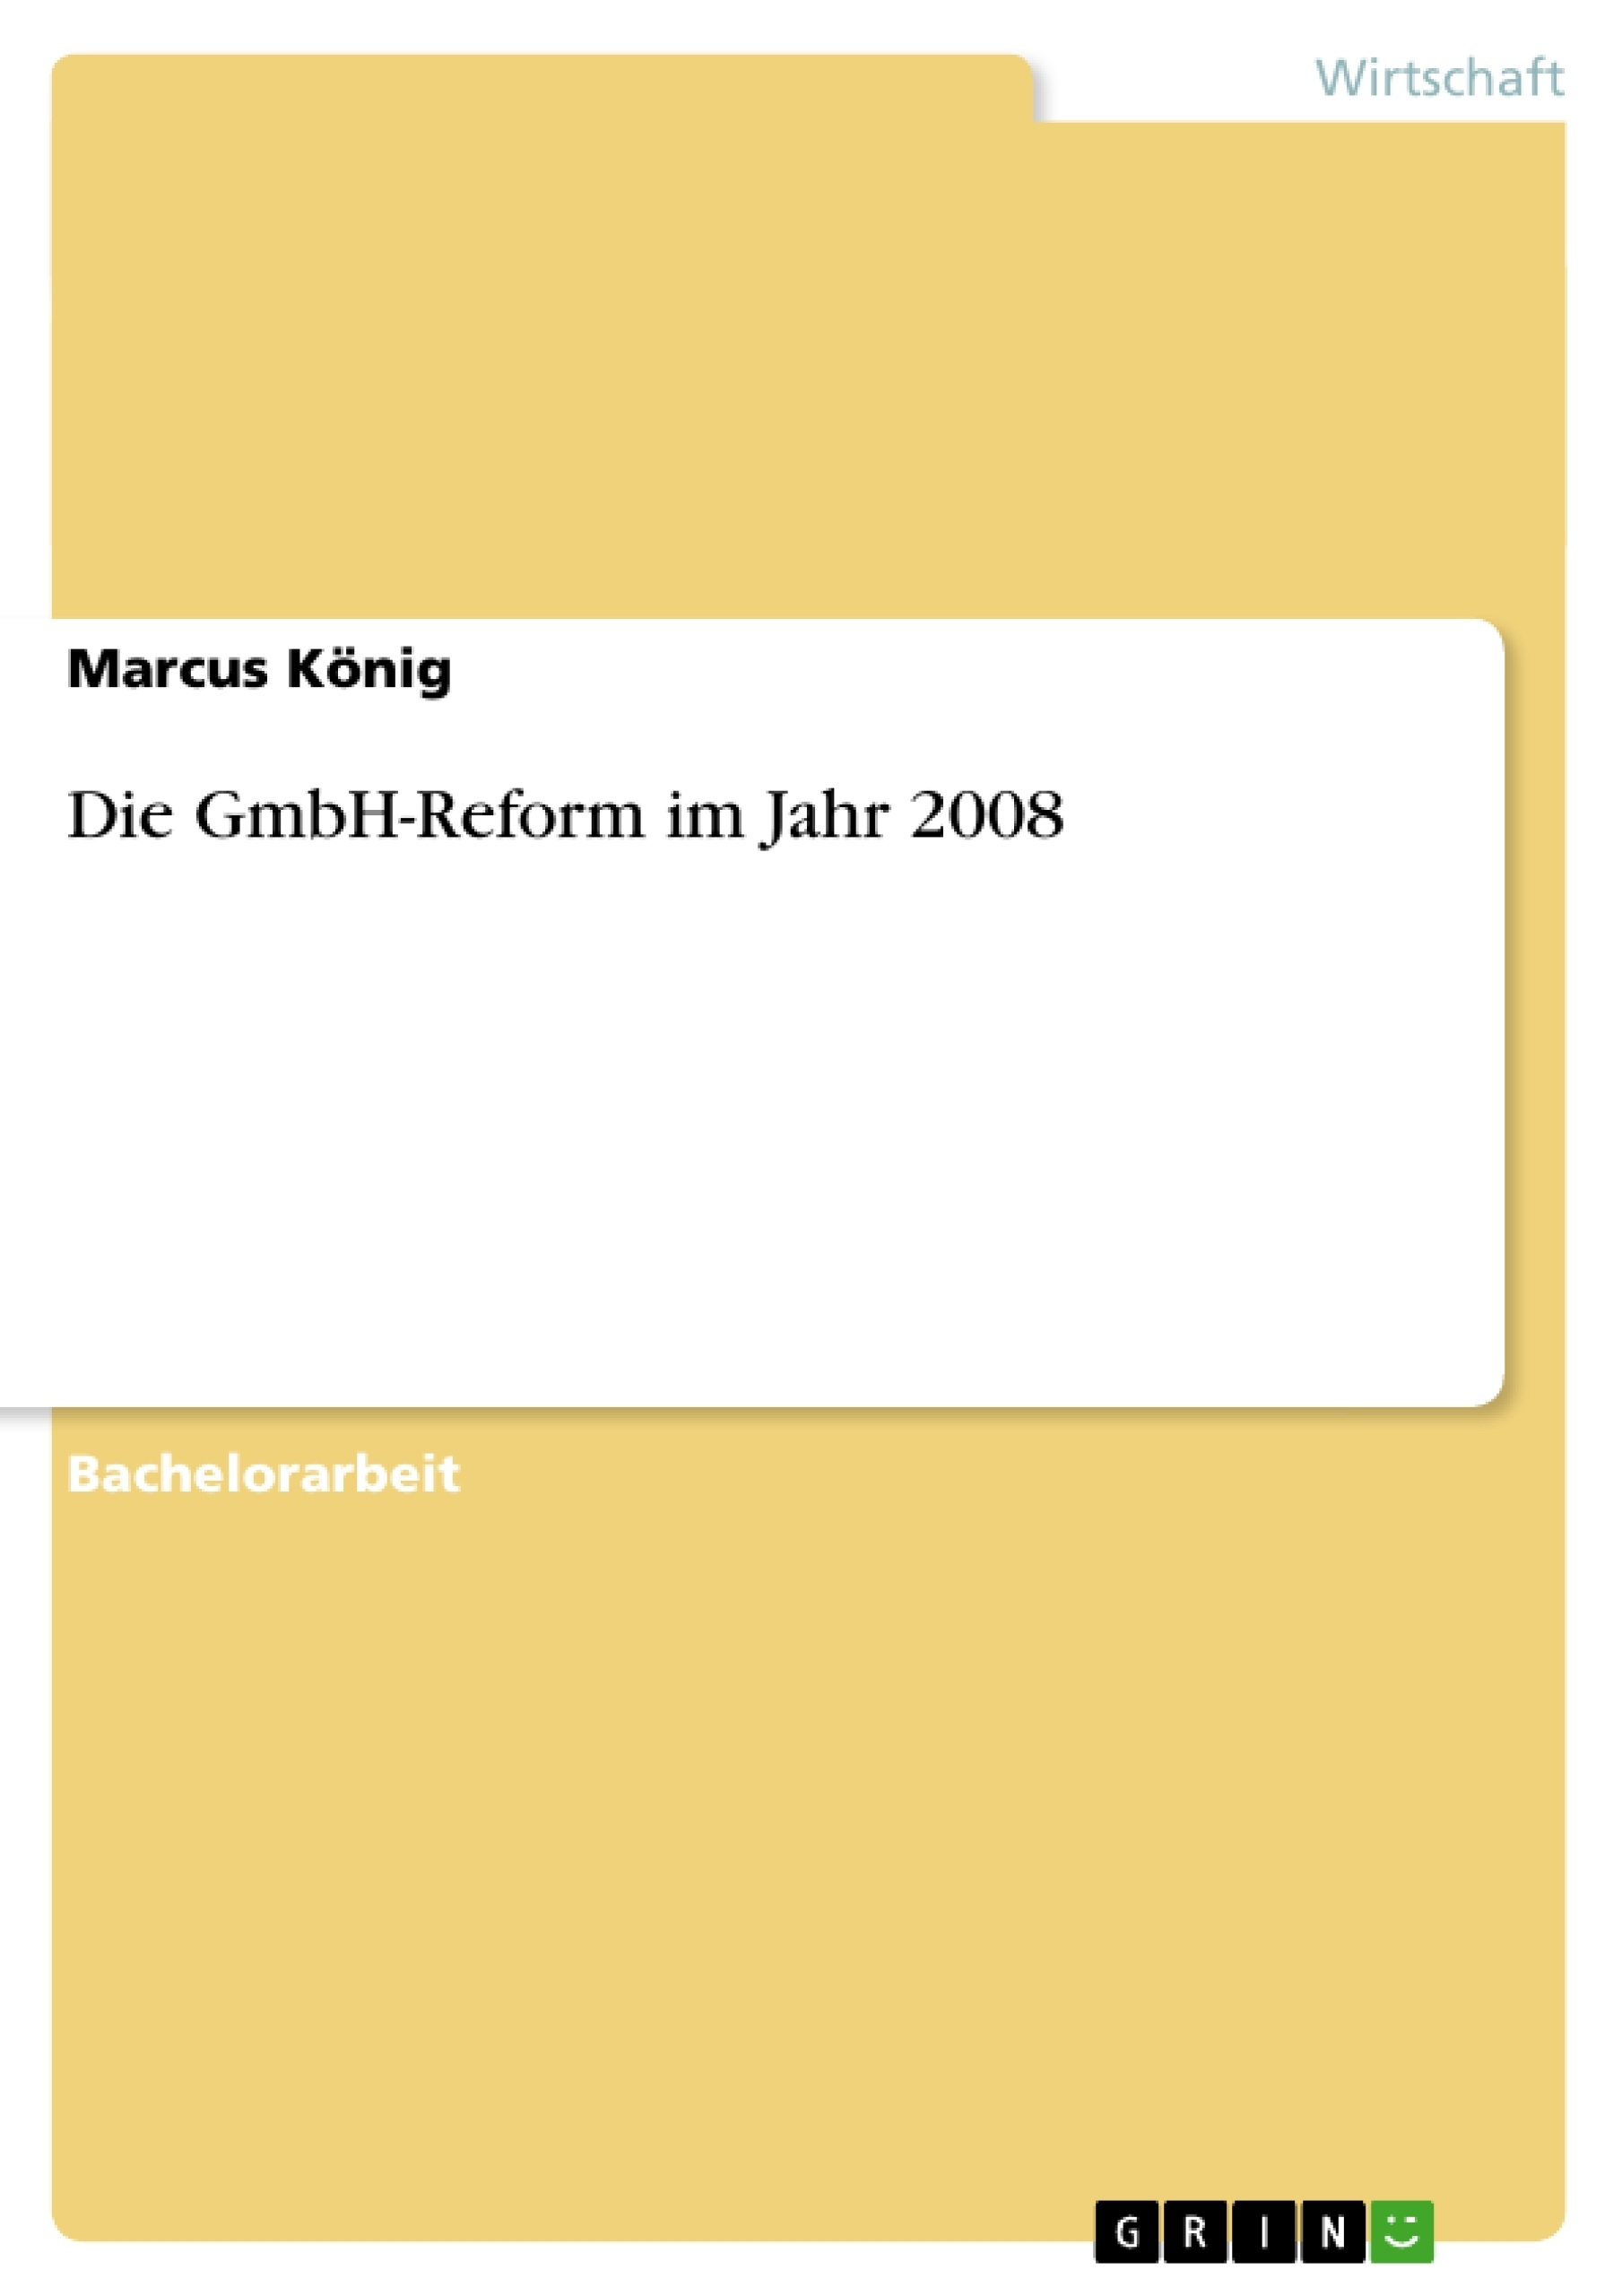 Titel: Die GmbH-Reform im Jahr 2008